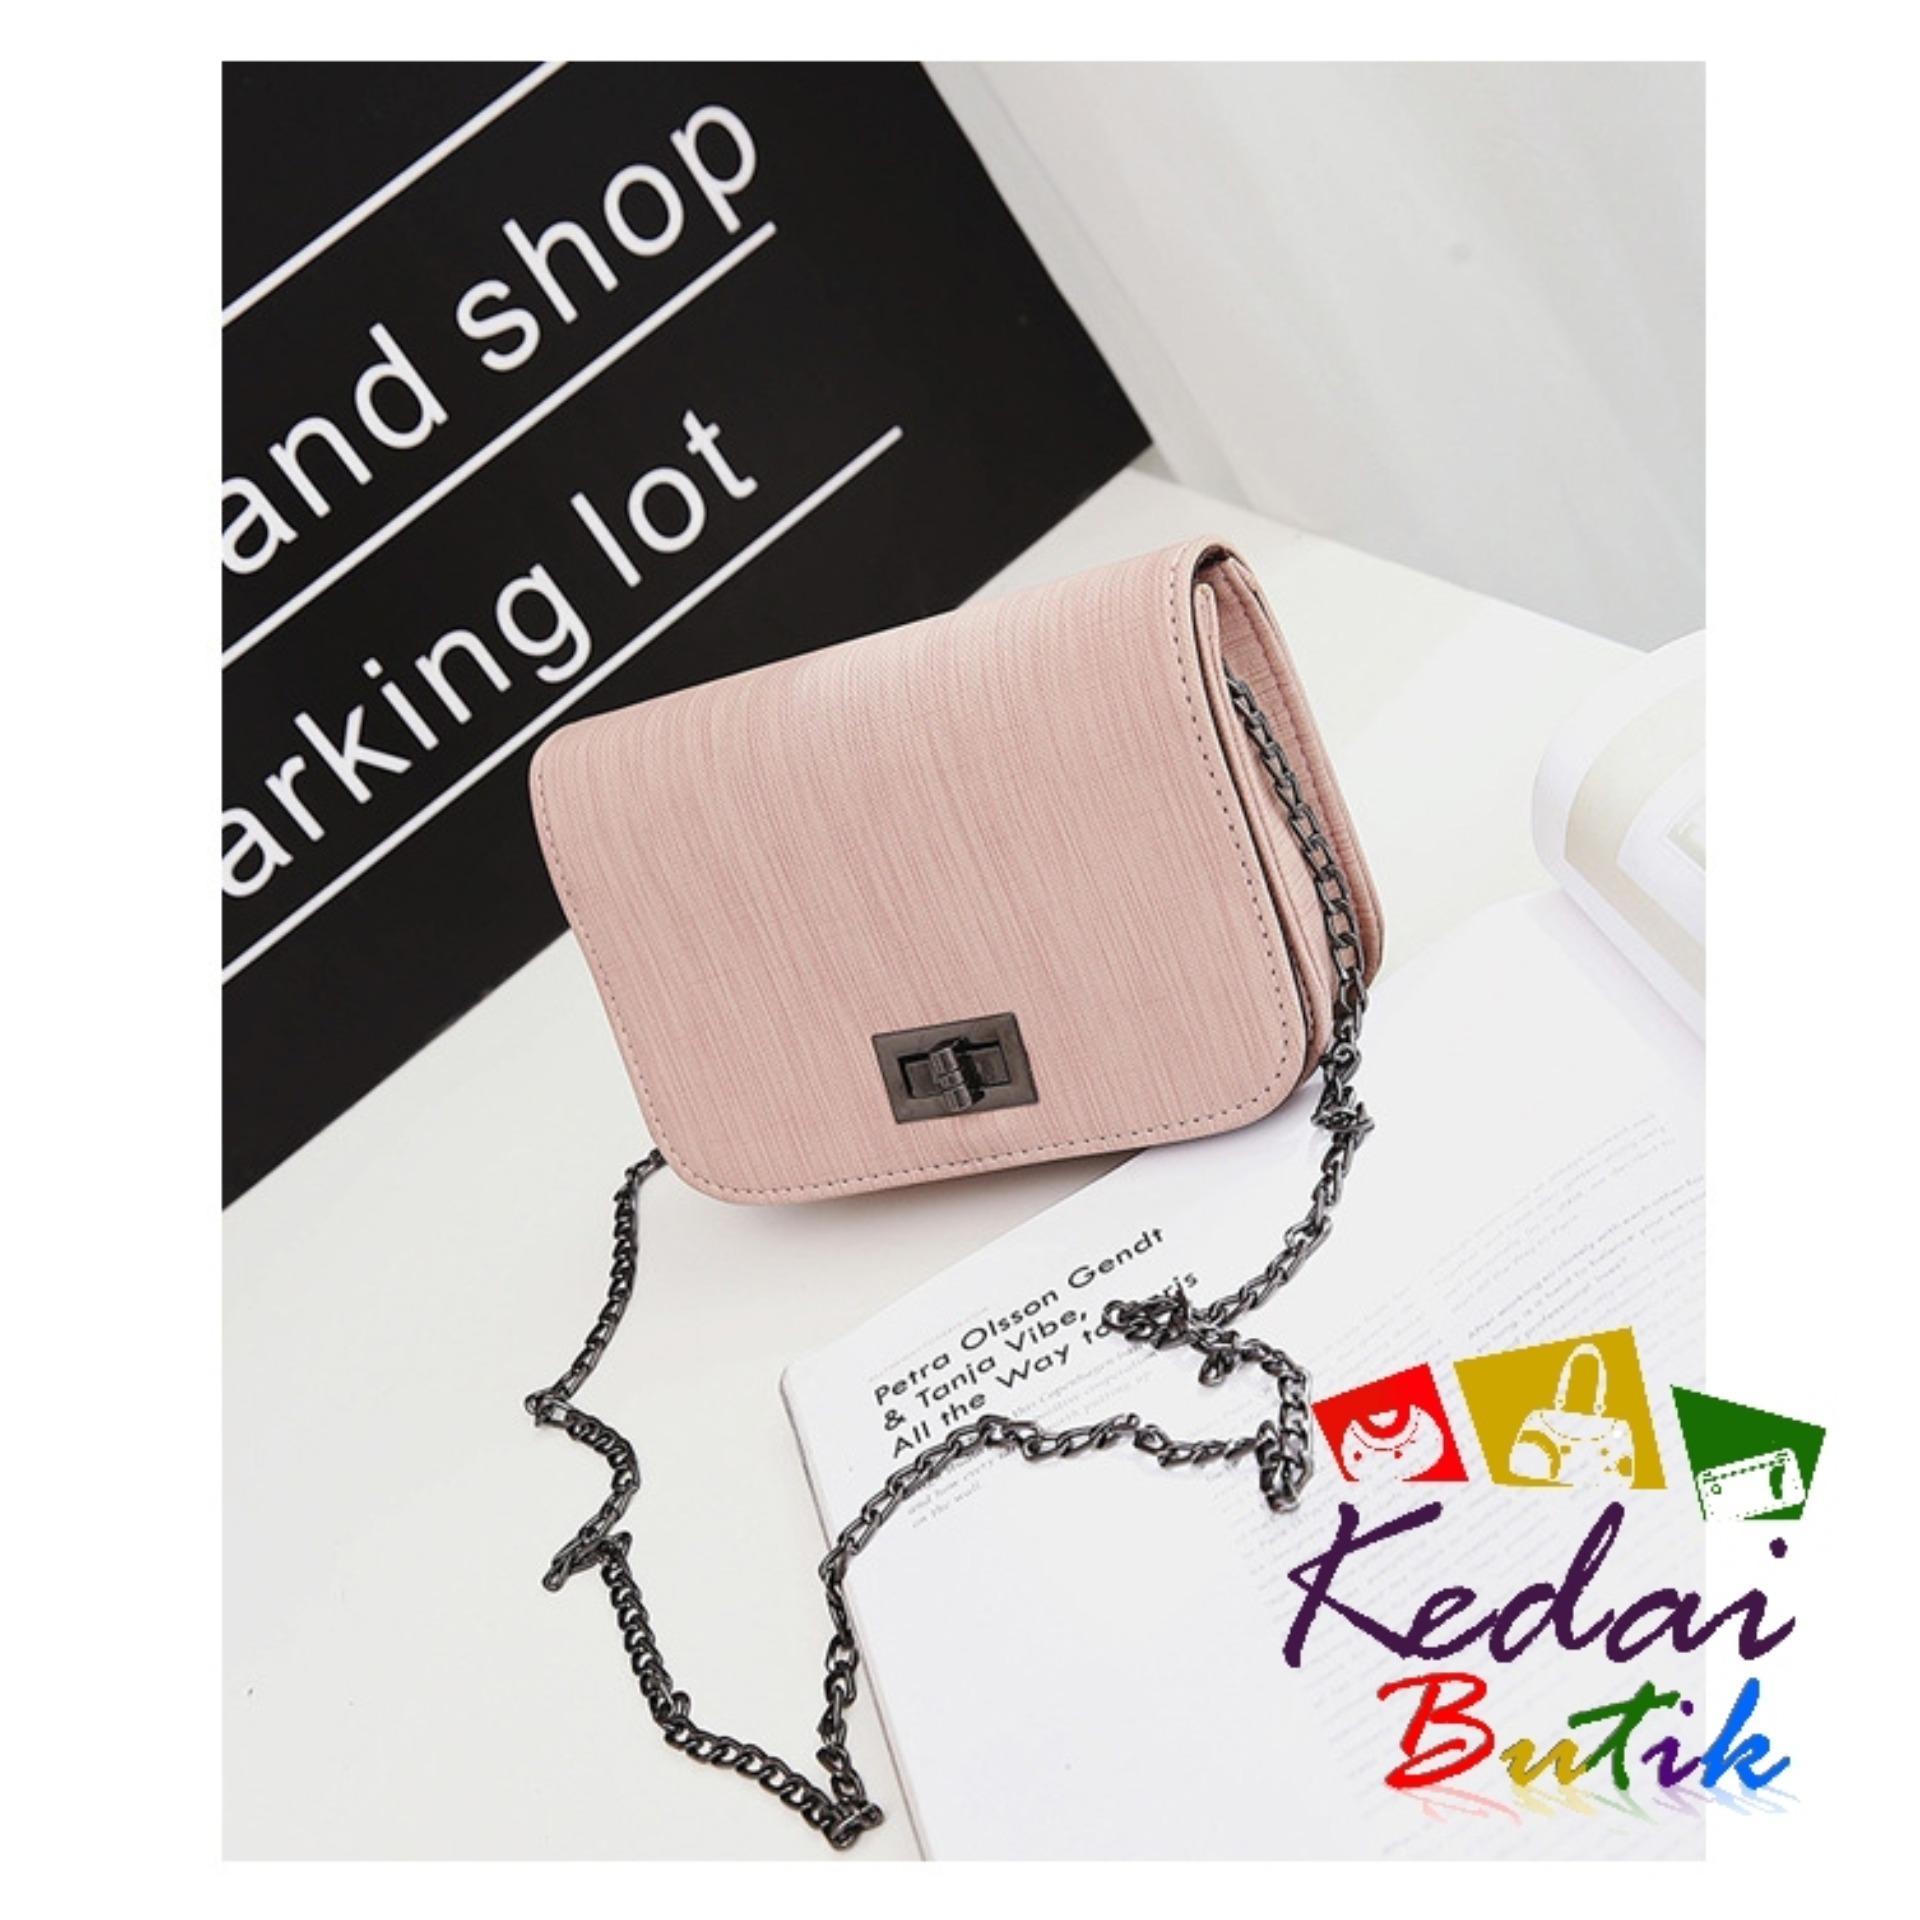 Harga Hand Bag MINISO Wanita Model Terbaru Source · Kedaibutik 007 Tas Korea style Motif Serat